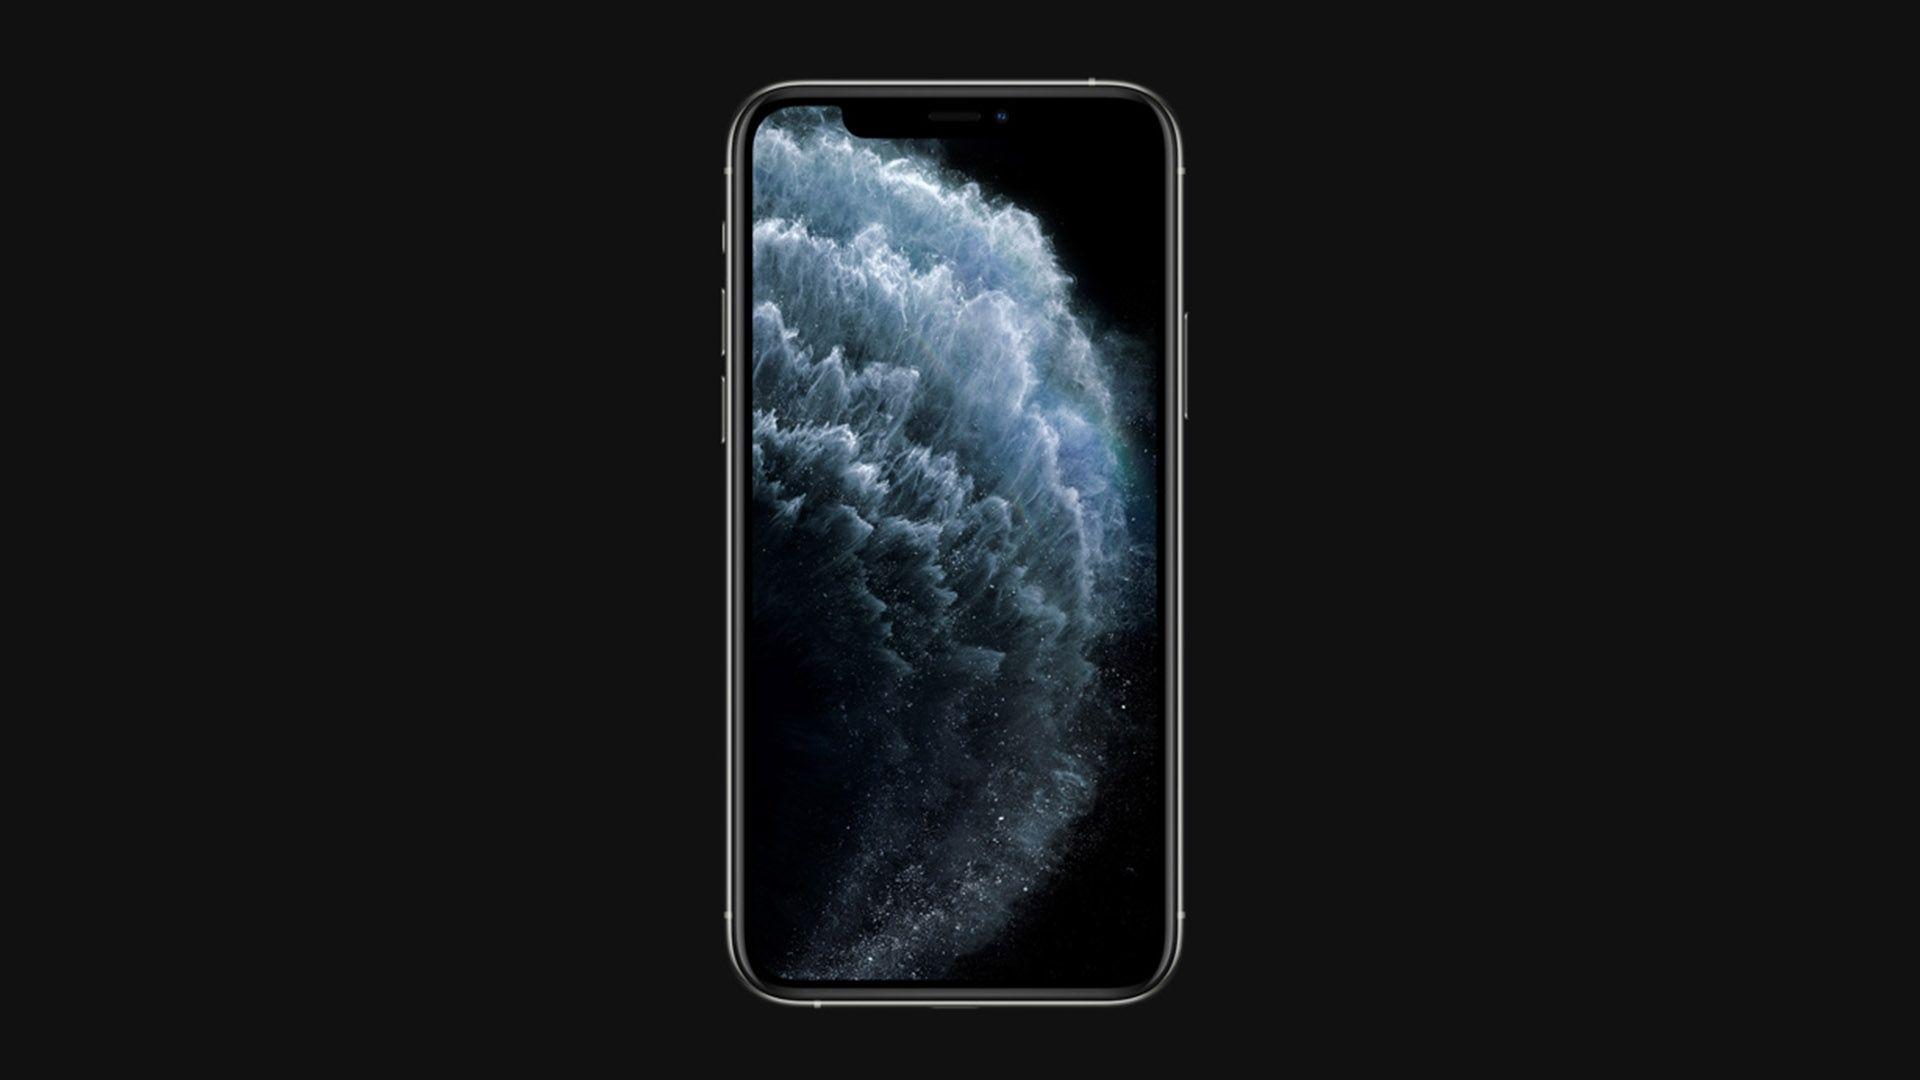 Nowe informacje o problemach z produkcją ekranów dla iPhone'a 12